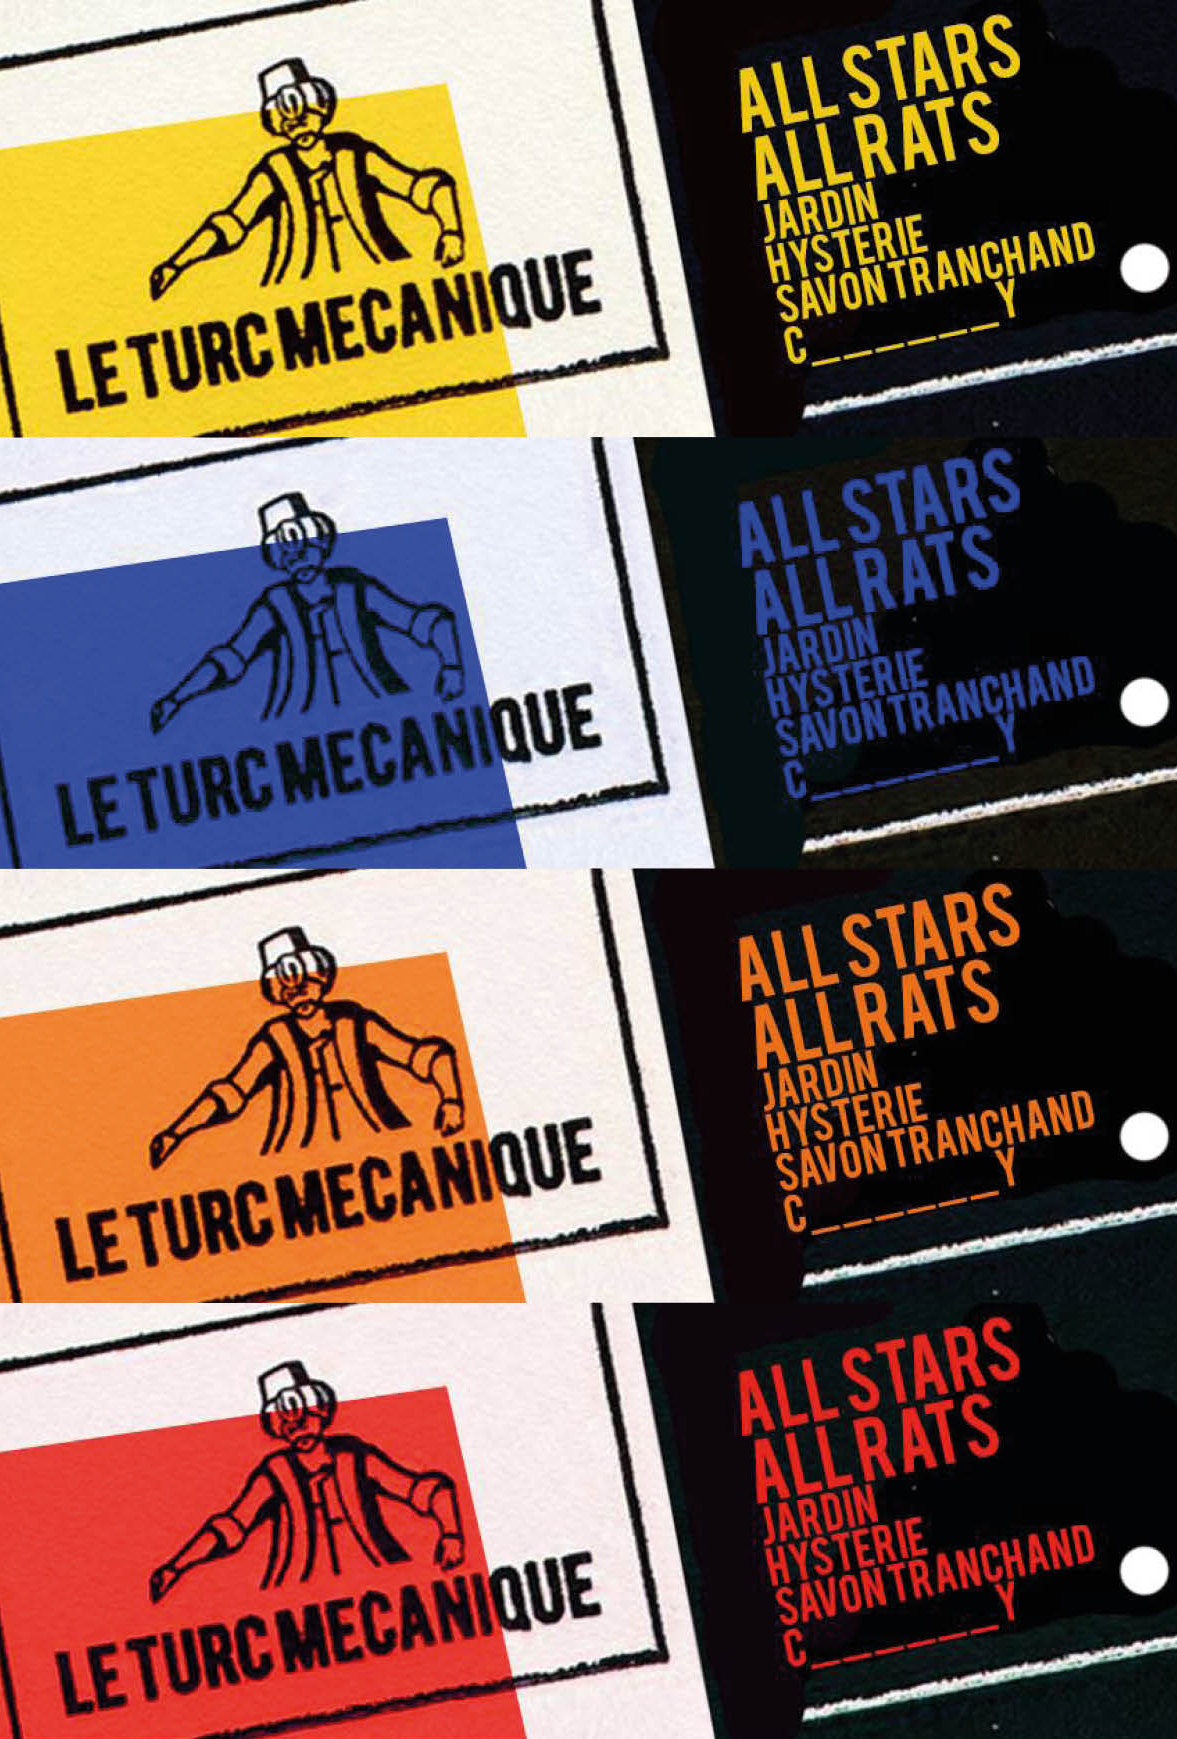 All Stars - All Rats // 23.06